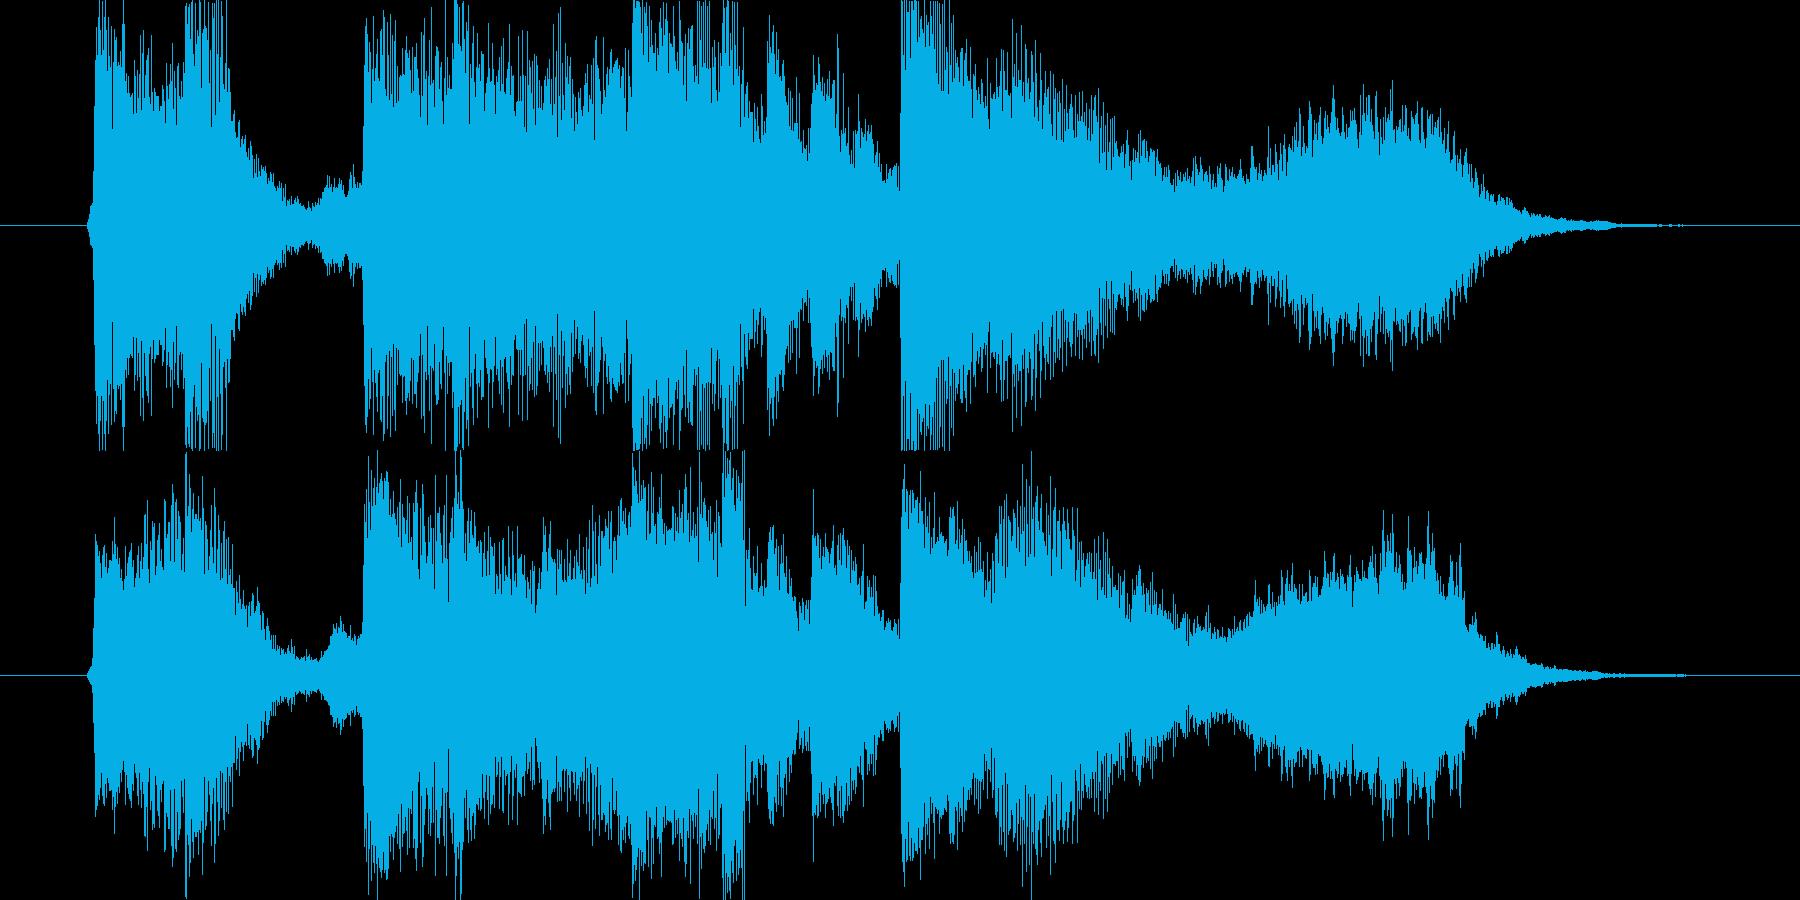 ピアノ、ストリングスの爽やかなジングルの再生済みの波形